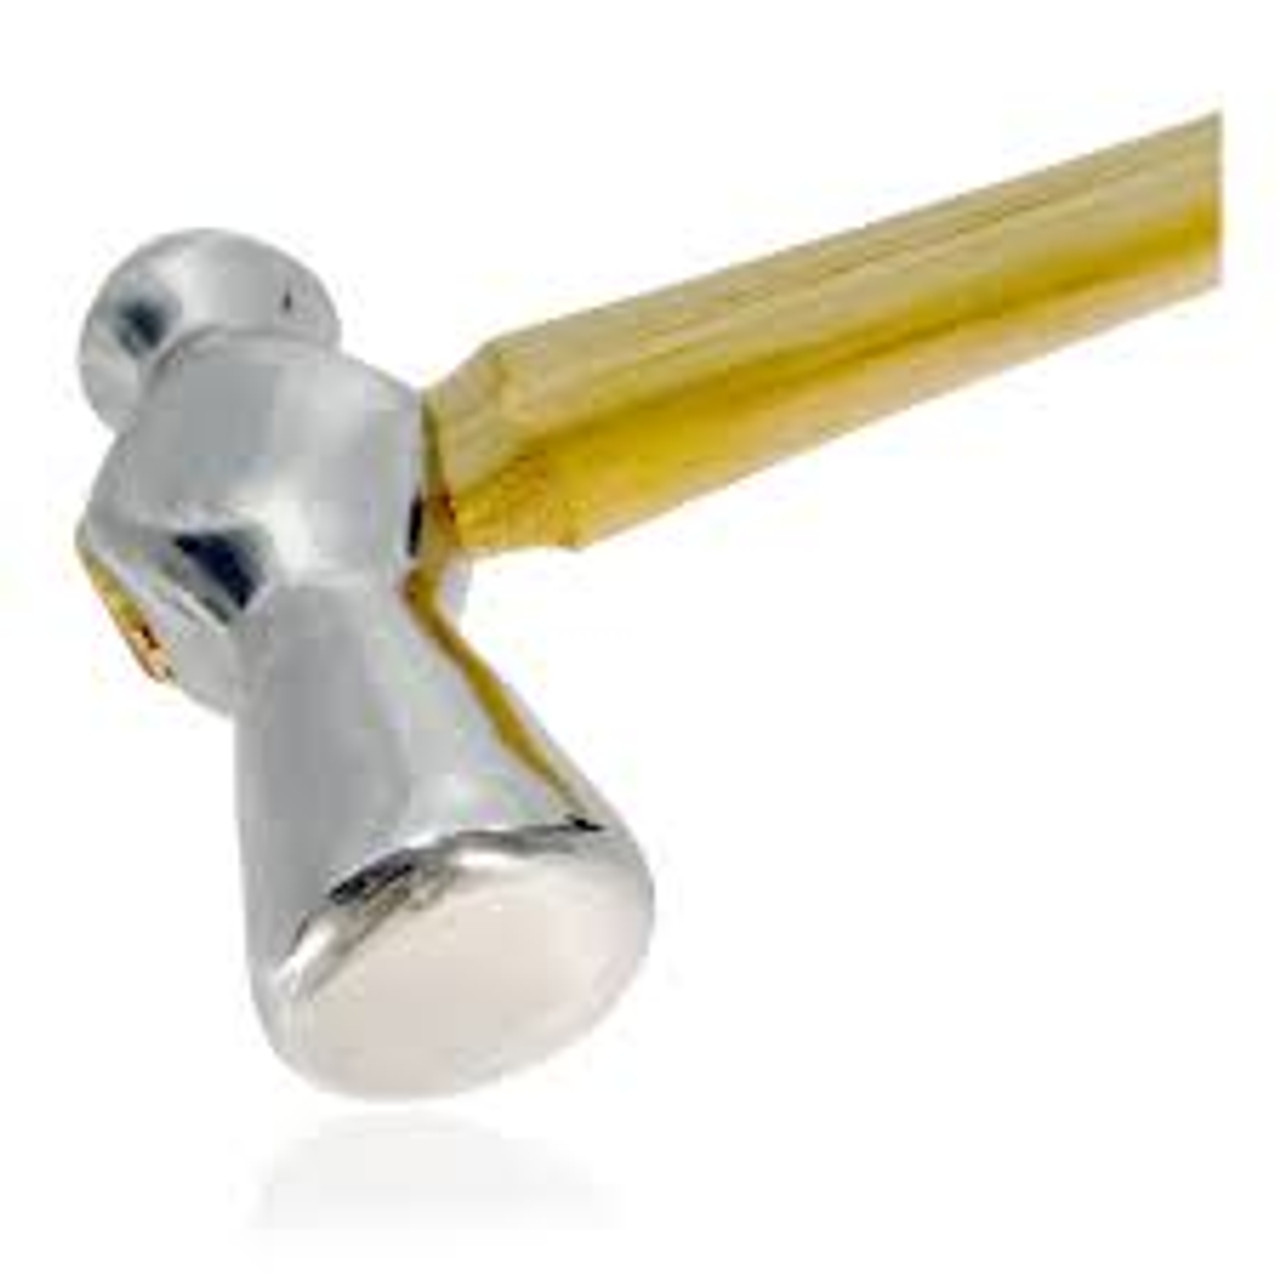 Jim Blurton Gunnar Ball Pein Clipping Hammer 2lb